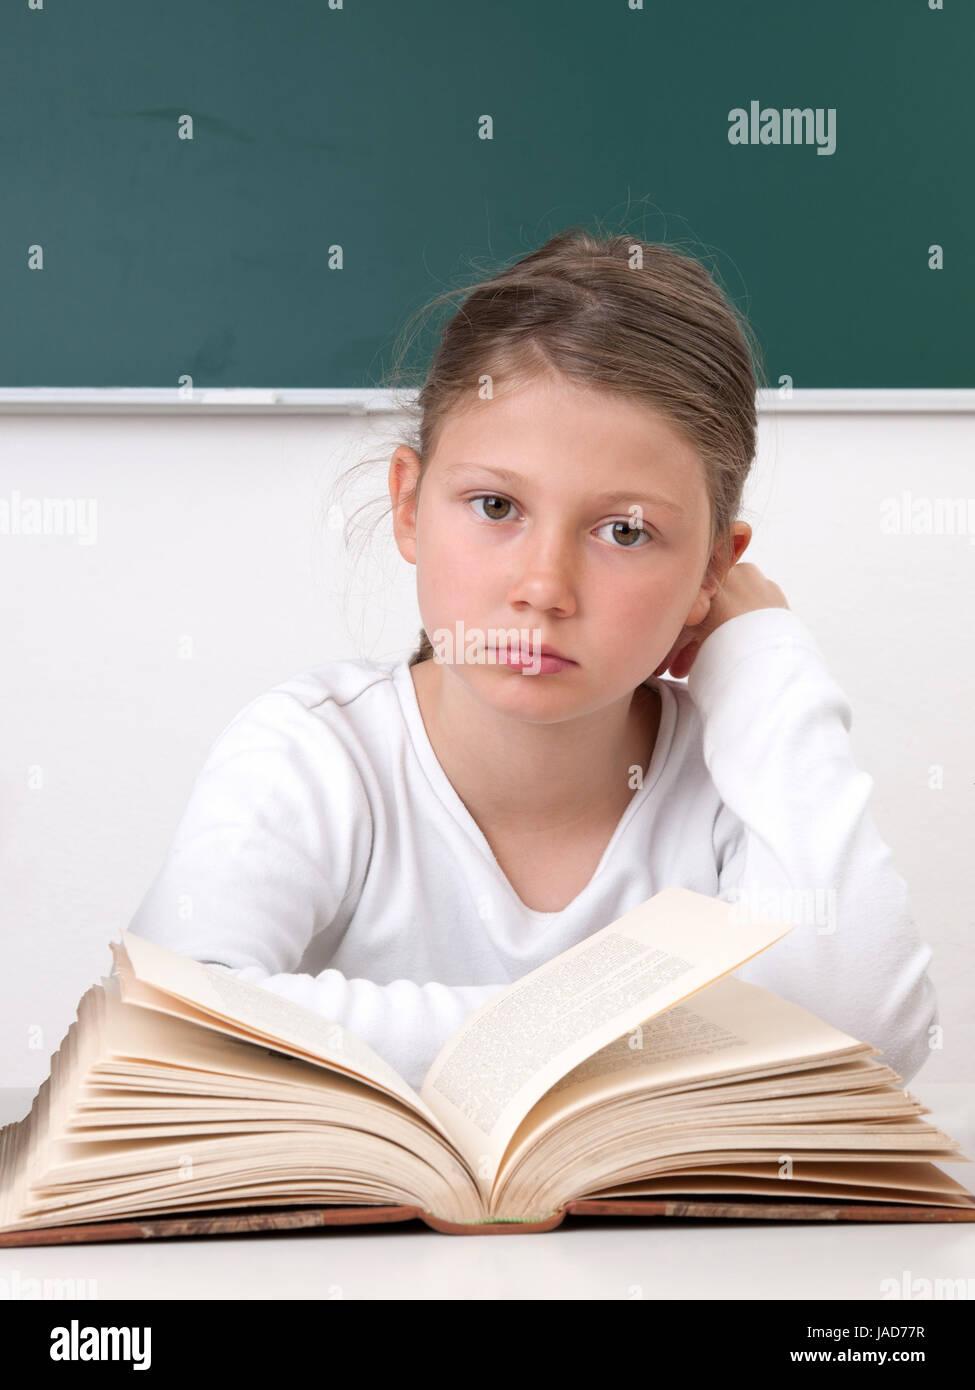 Schulstress, Leistungsdruck, Überfordert, Schülerin, Überforderung, Überarbeitet, Überarbeitung, lesen, lernen, Stock Photo